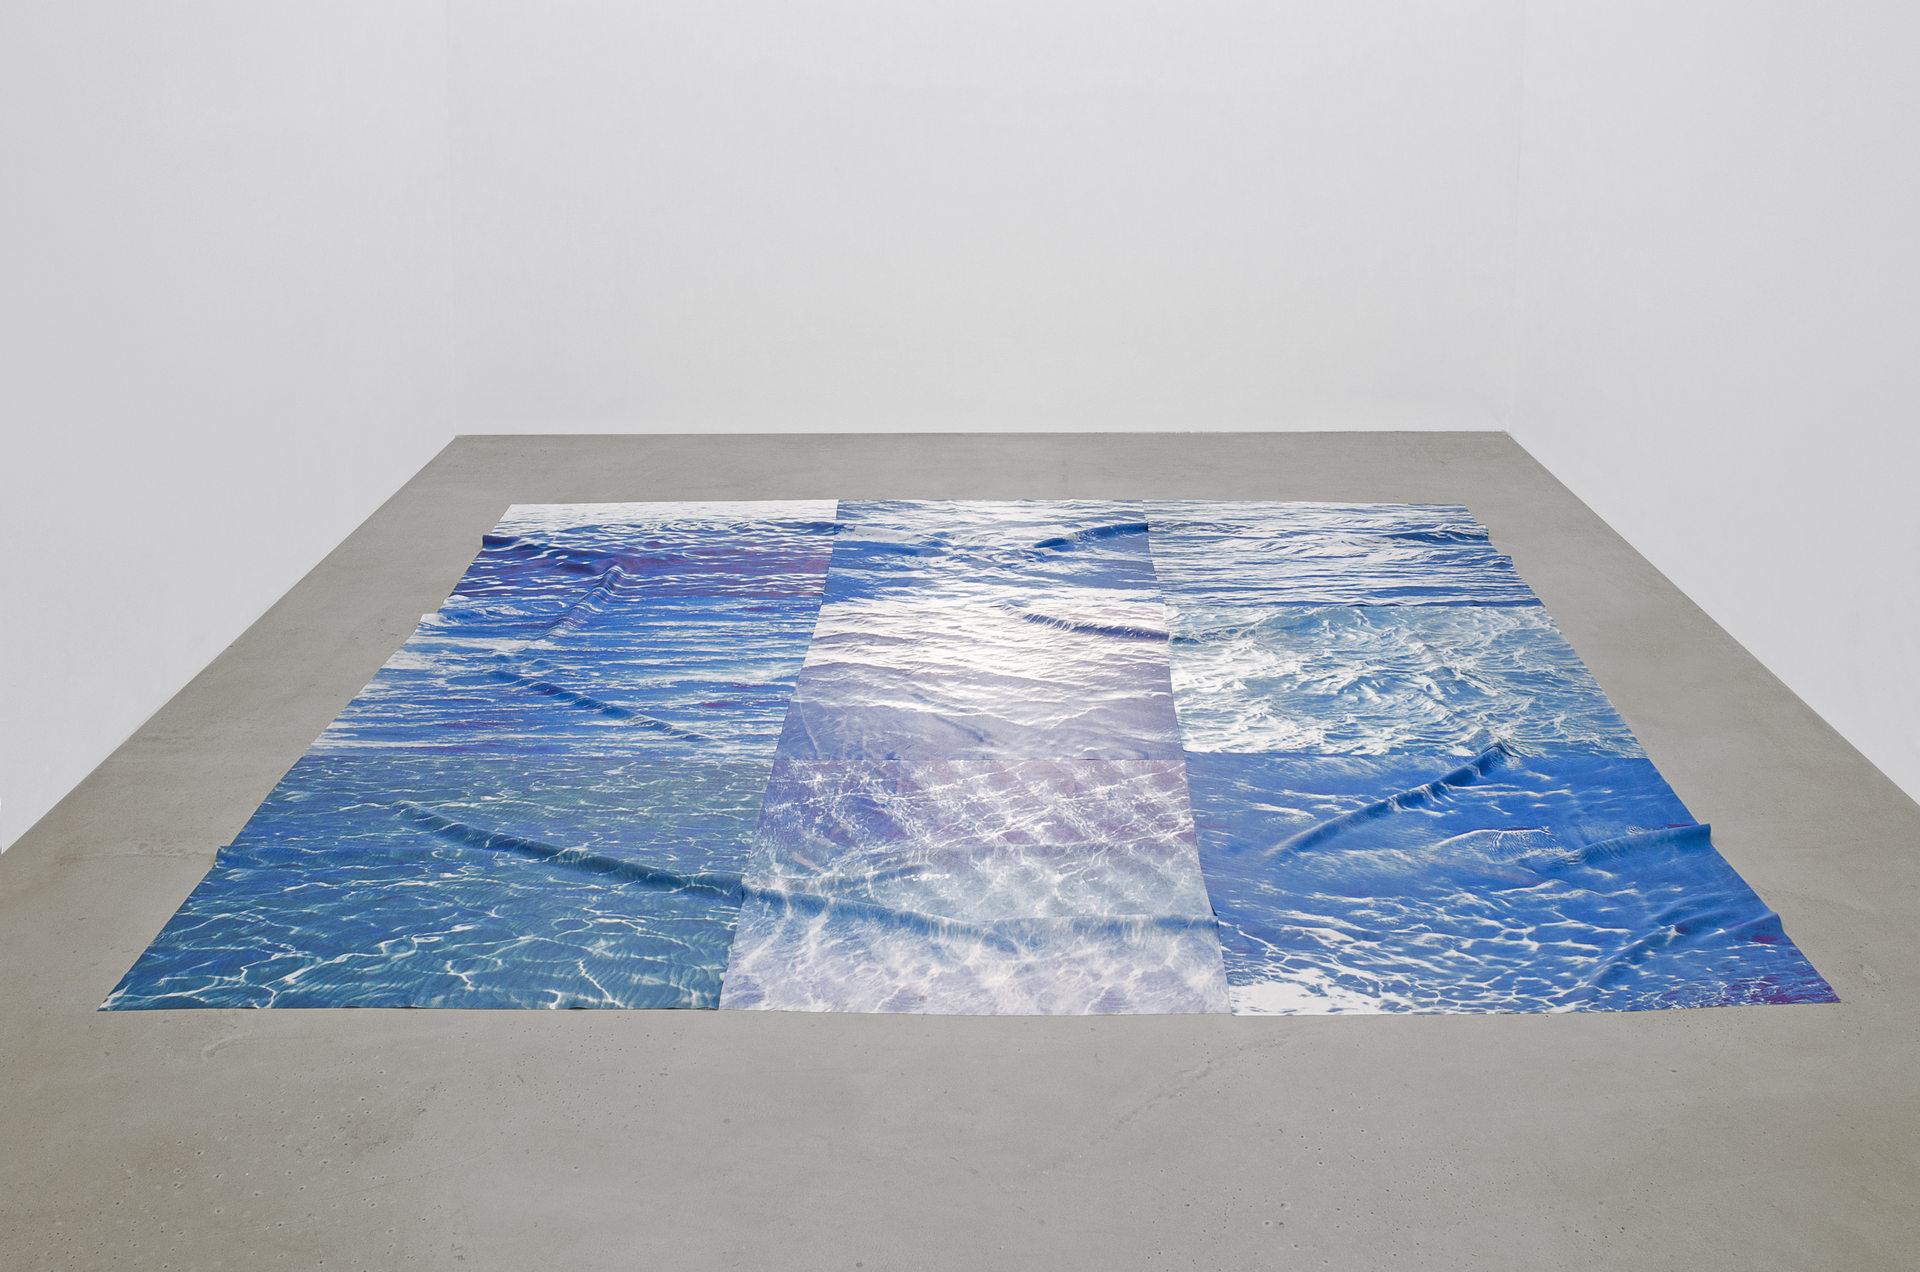 Nona Inescu, L'état de la mer, 2015